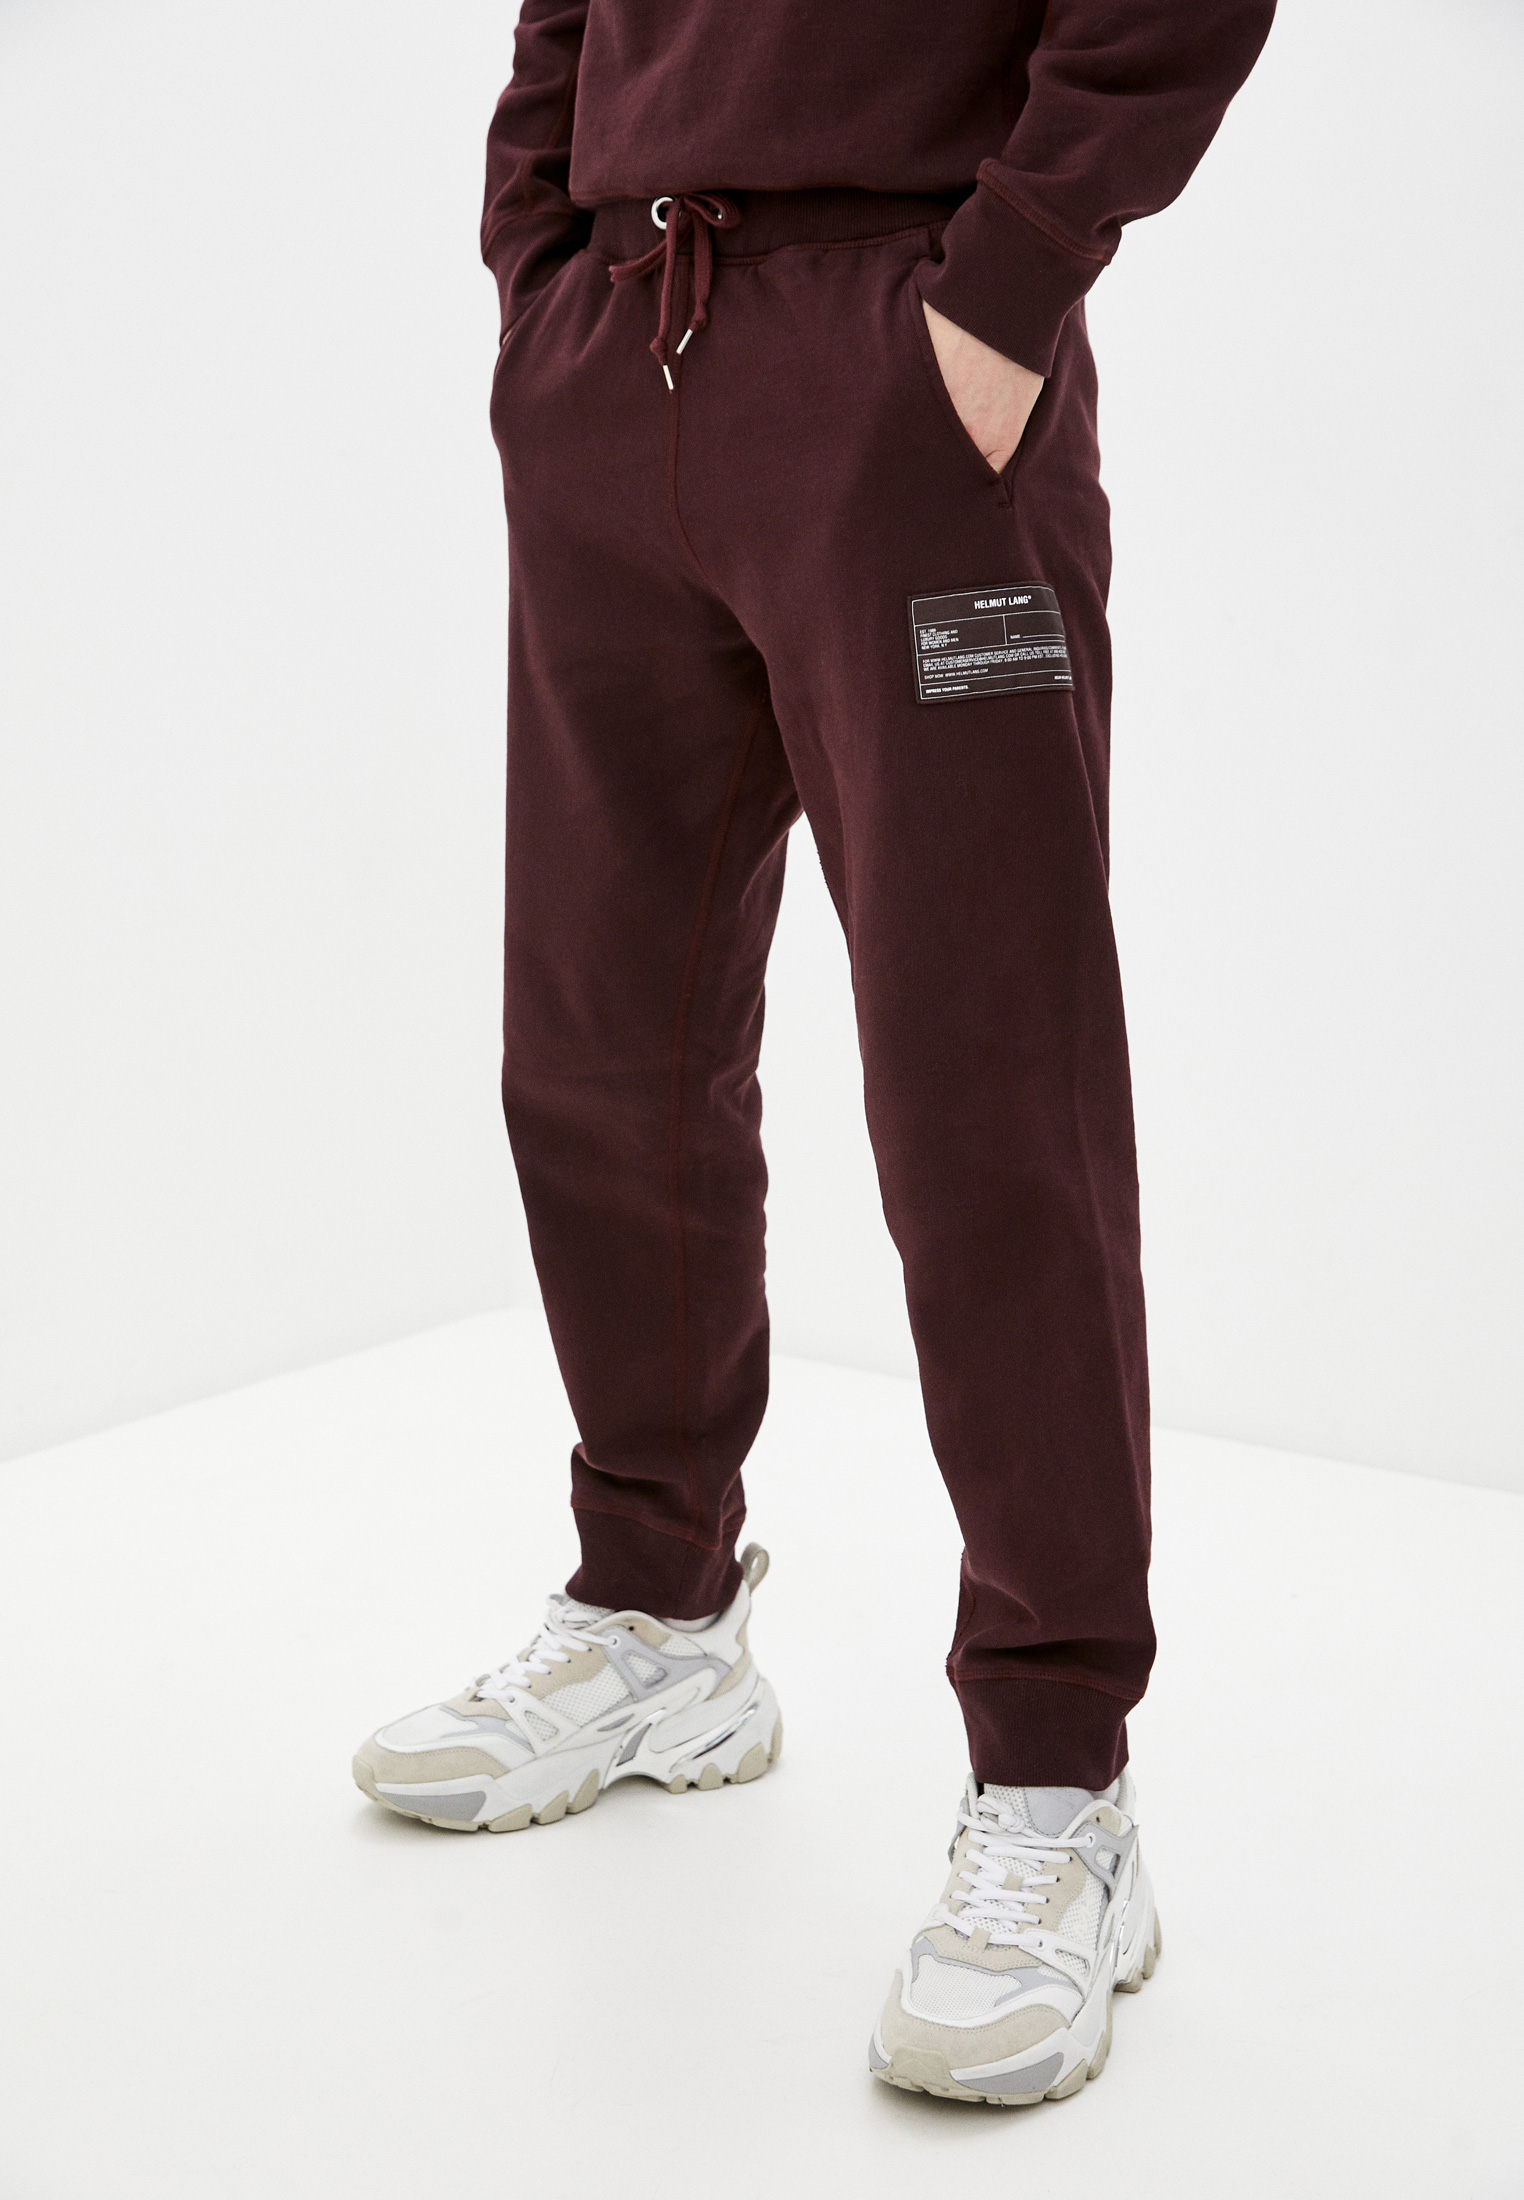 Мужские спортивные брюки Helmut Lang (Хельмут Ланг) Брюки спортивные Helmut Lang